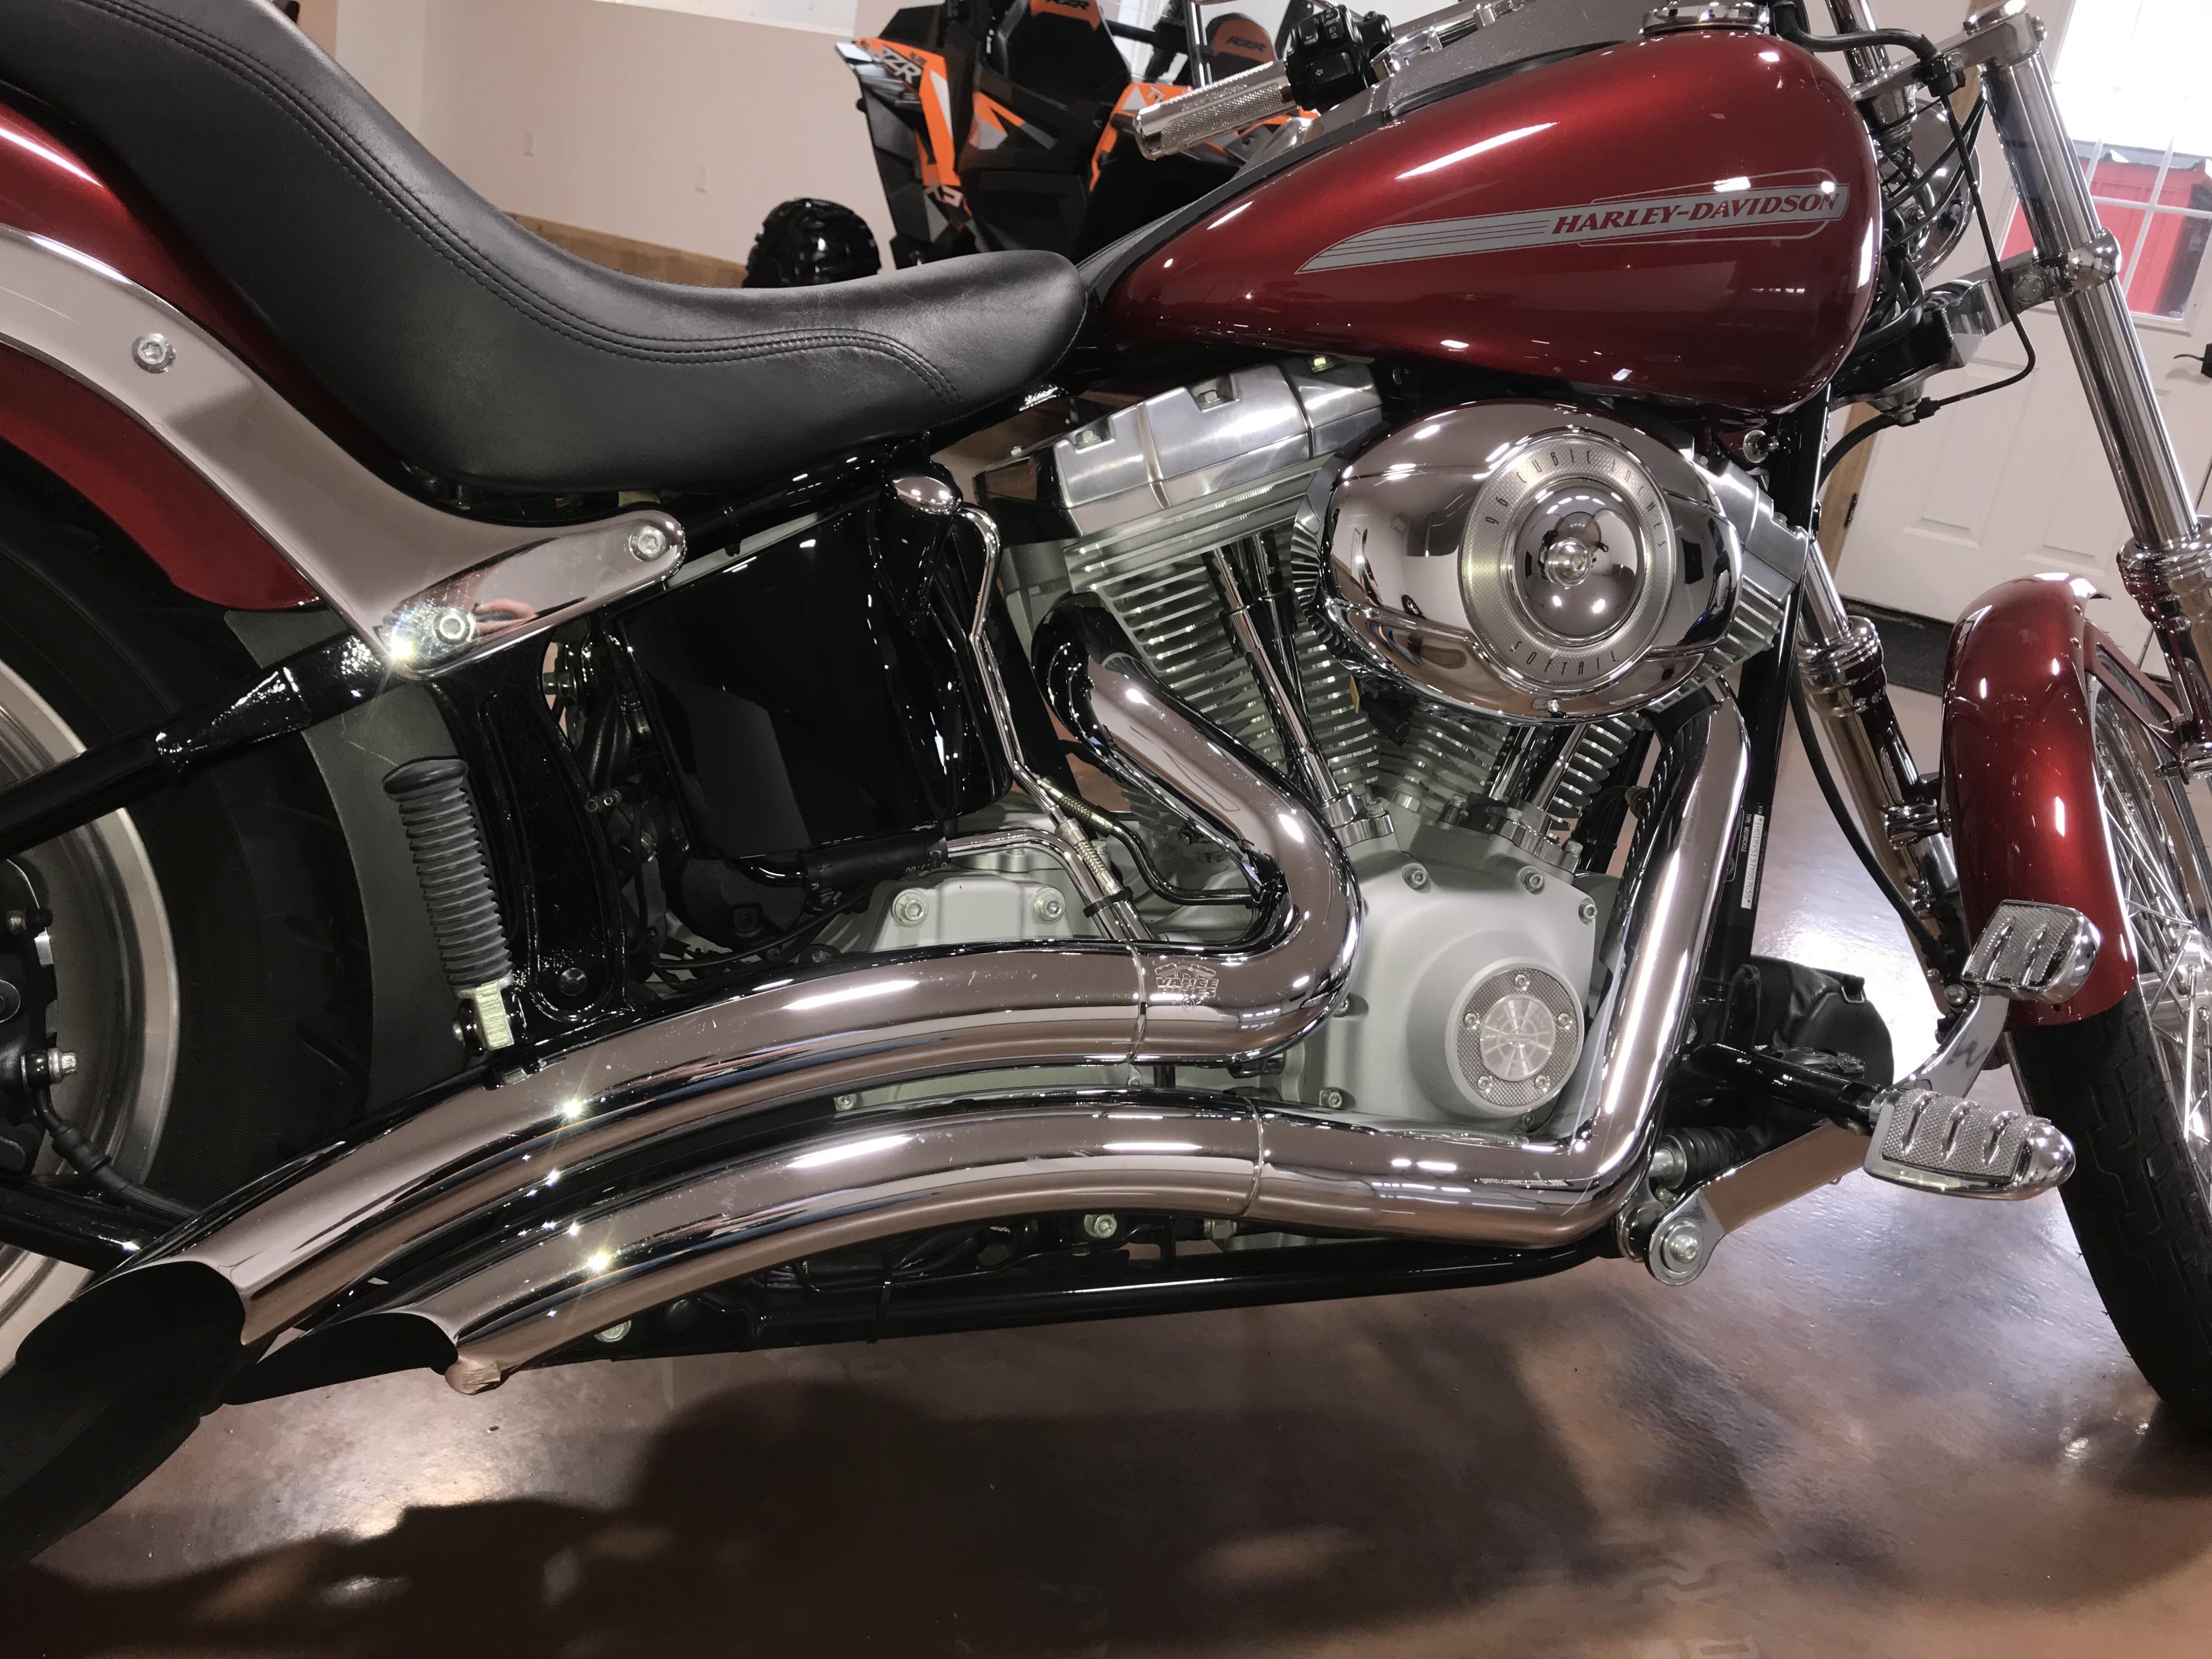 2007 Harley Davidson Softail Standard FXST